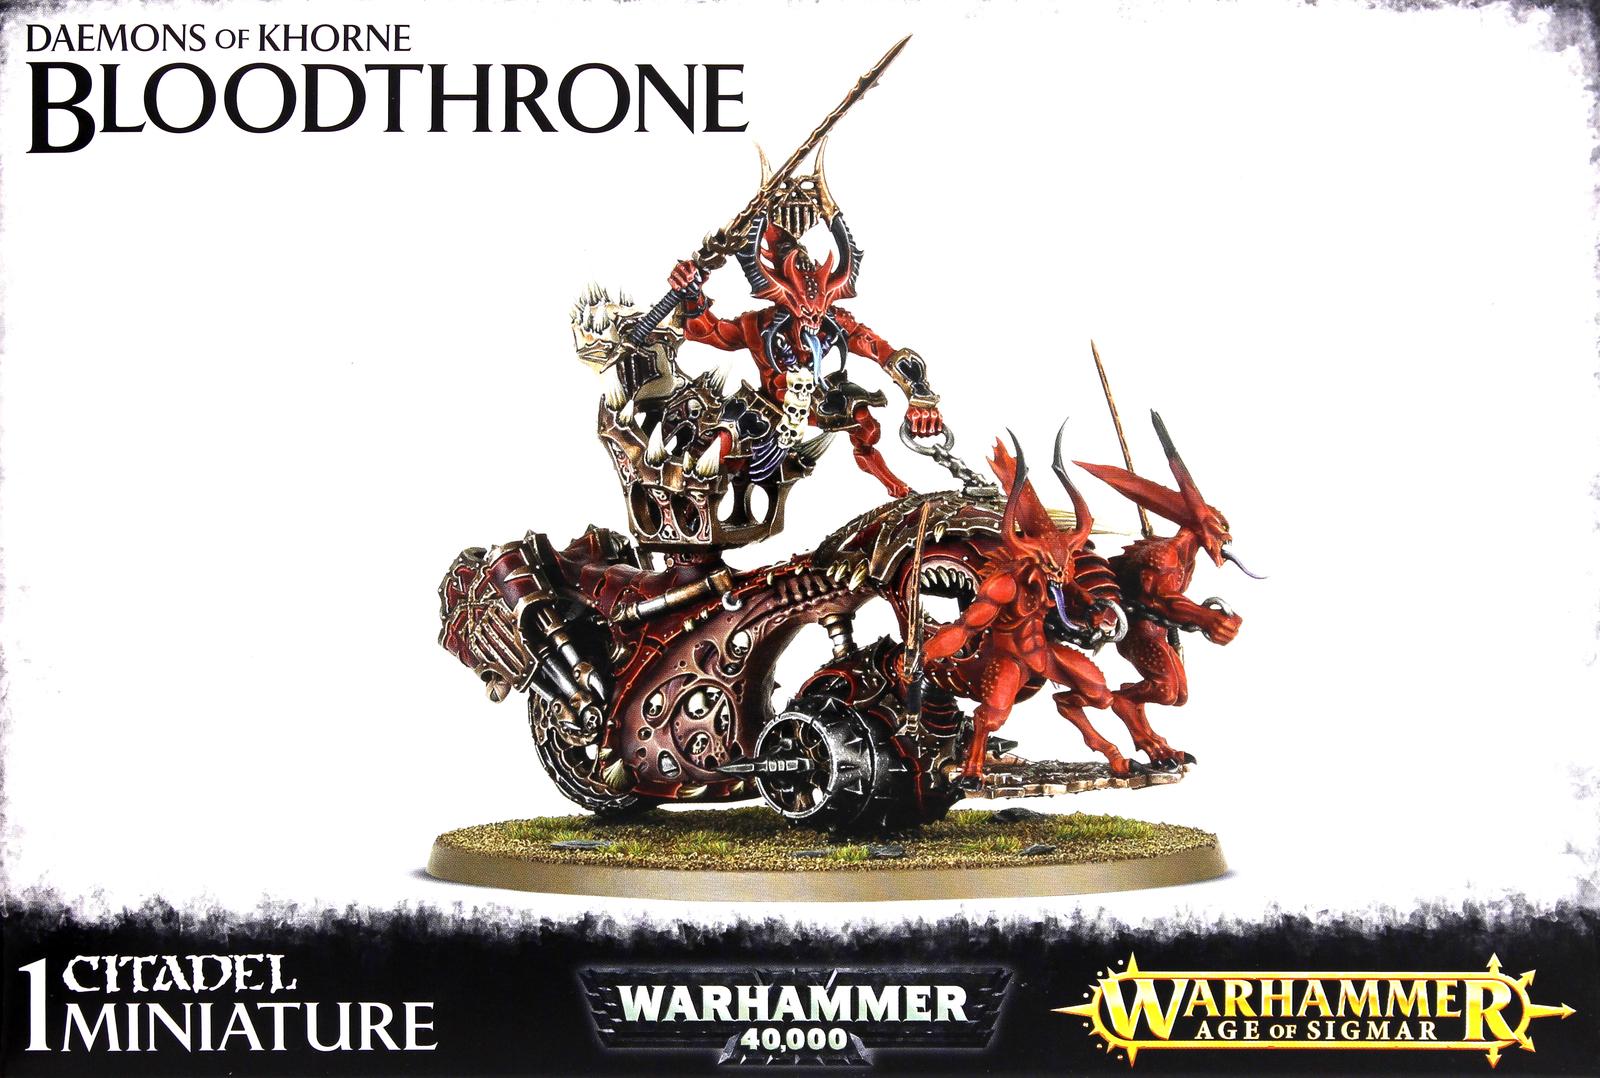 Warhammer Daemons of Khorne Bloodthrone image